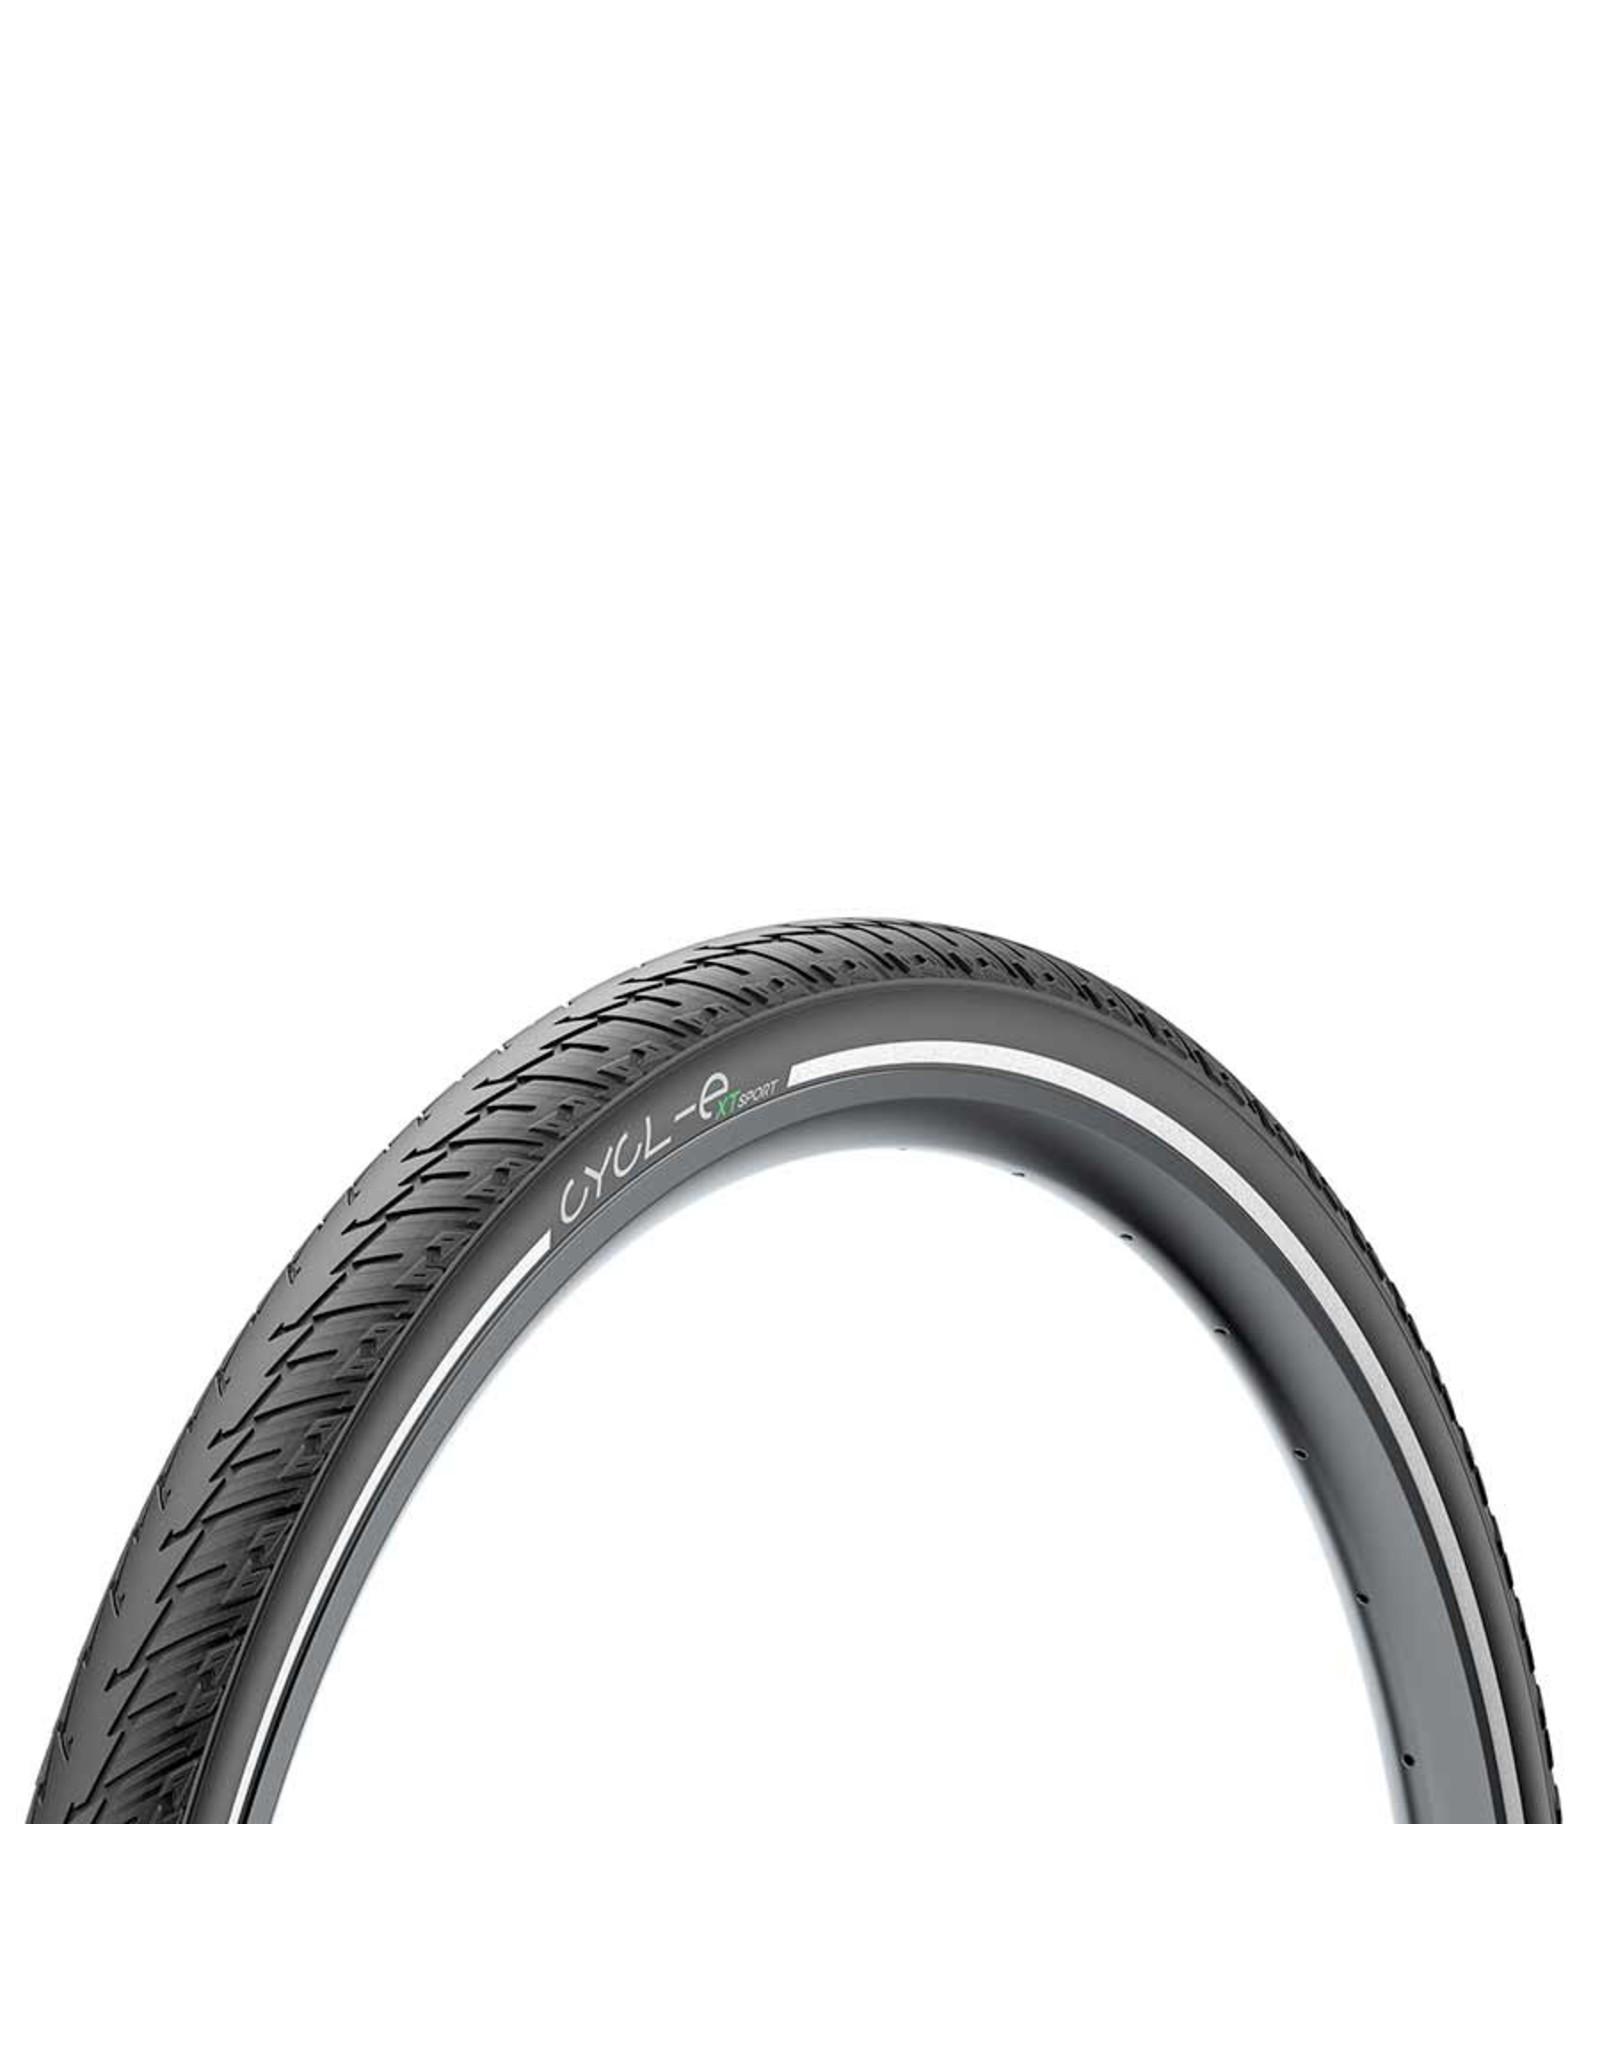 Pirelli Pirelli, Cycl-e XTs, Tire, 700x35C, Wire, Clincher, Black